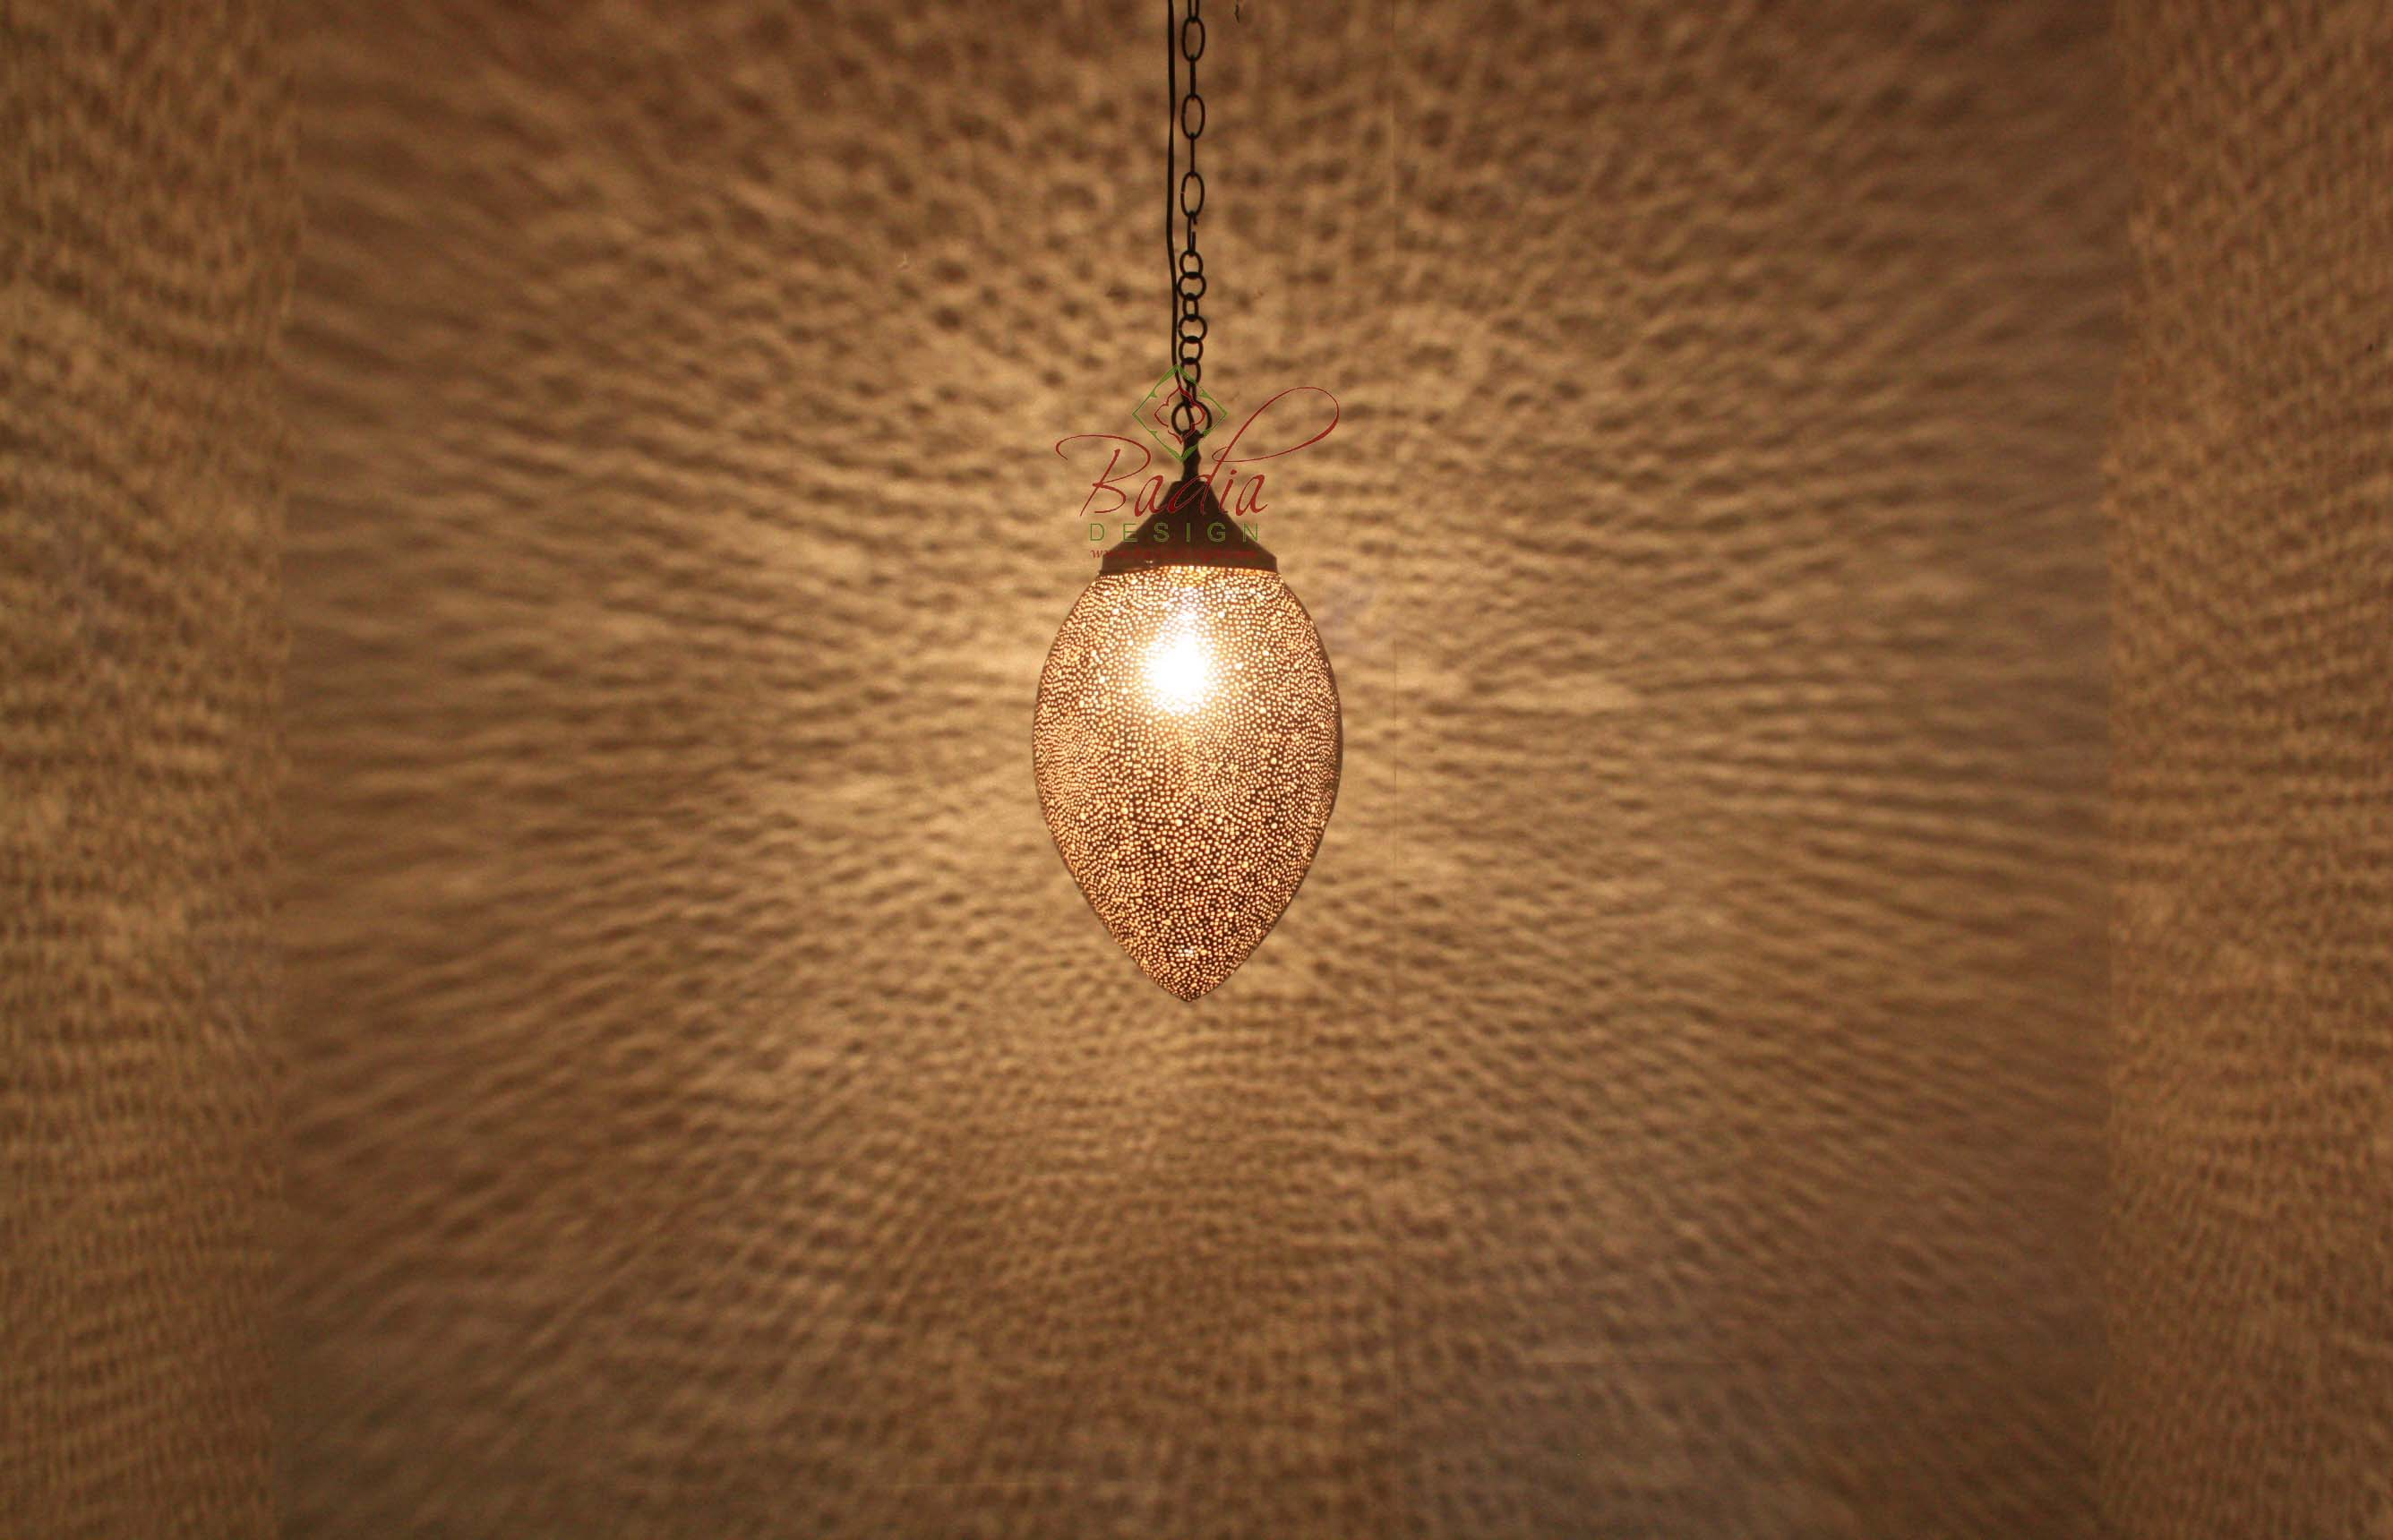 moroccan-egg-shaped-brass-lantern-lig343-1.jpg